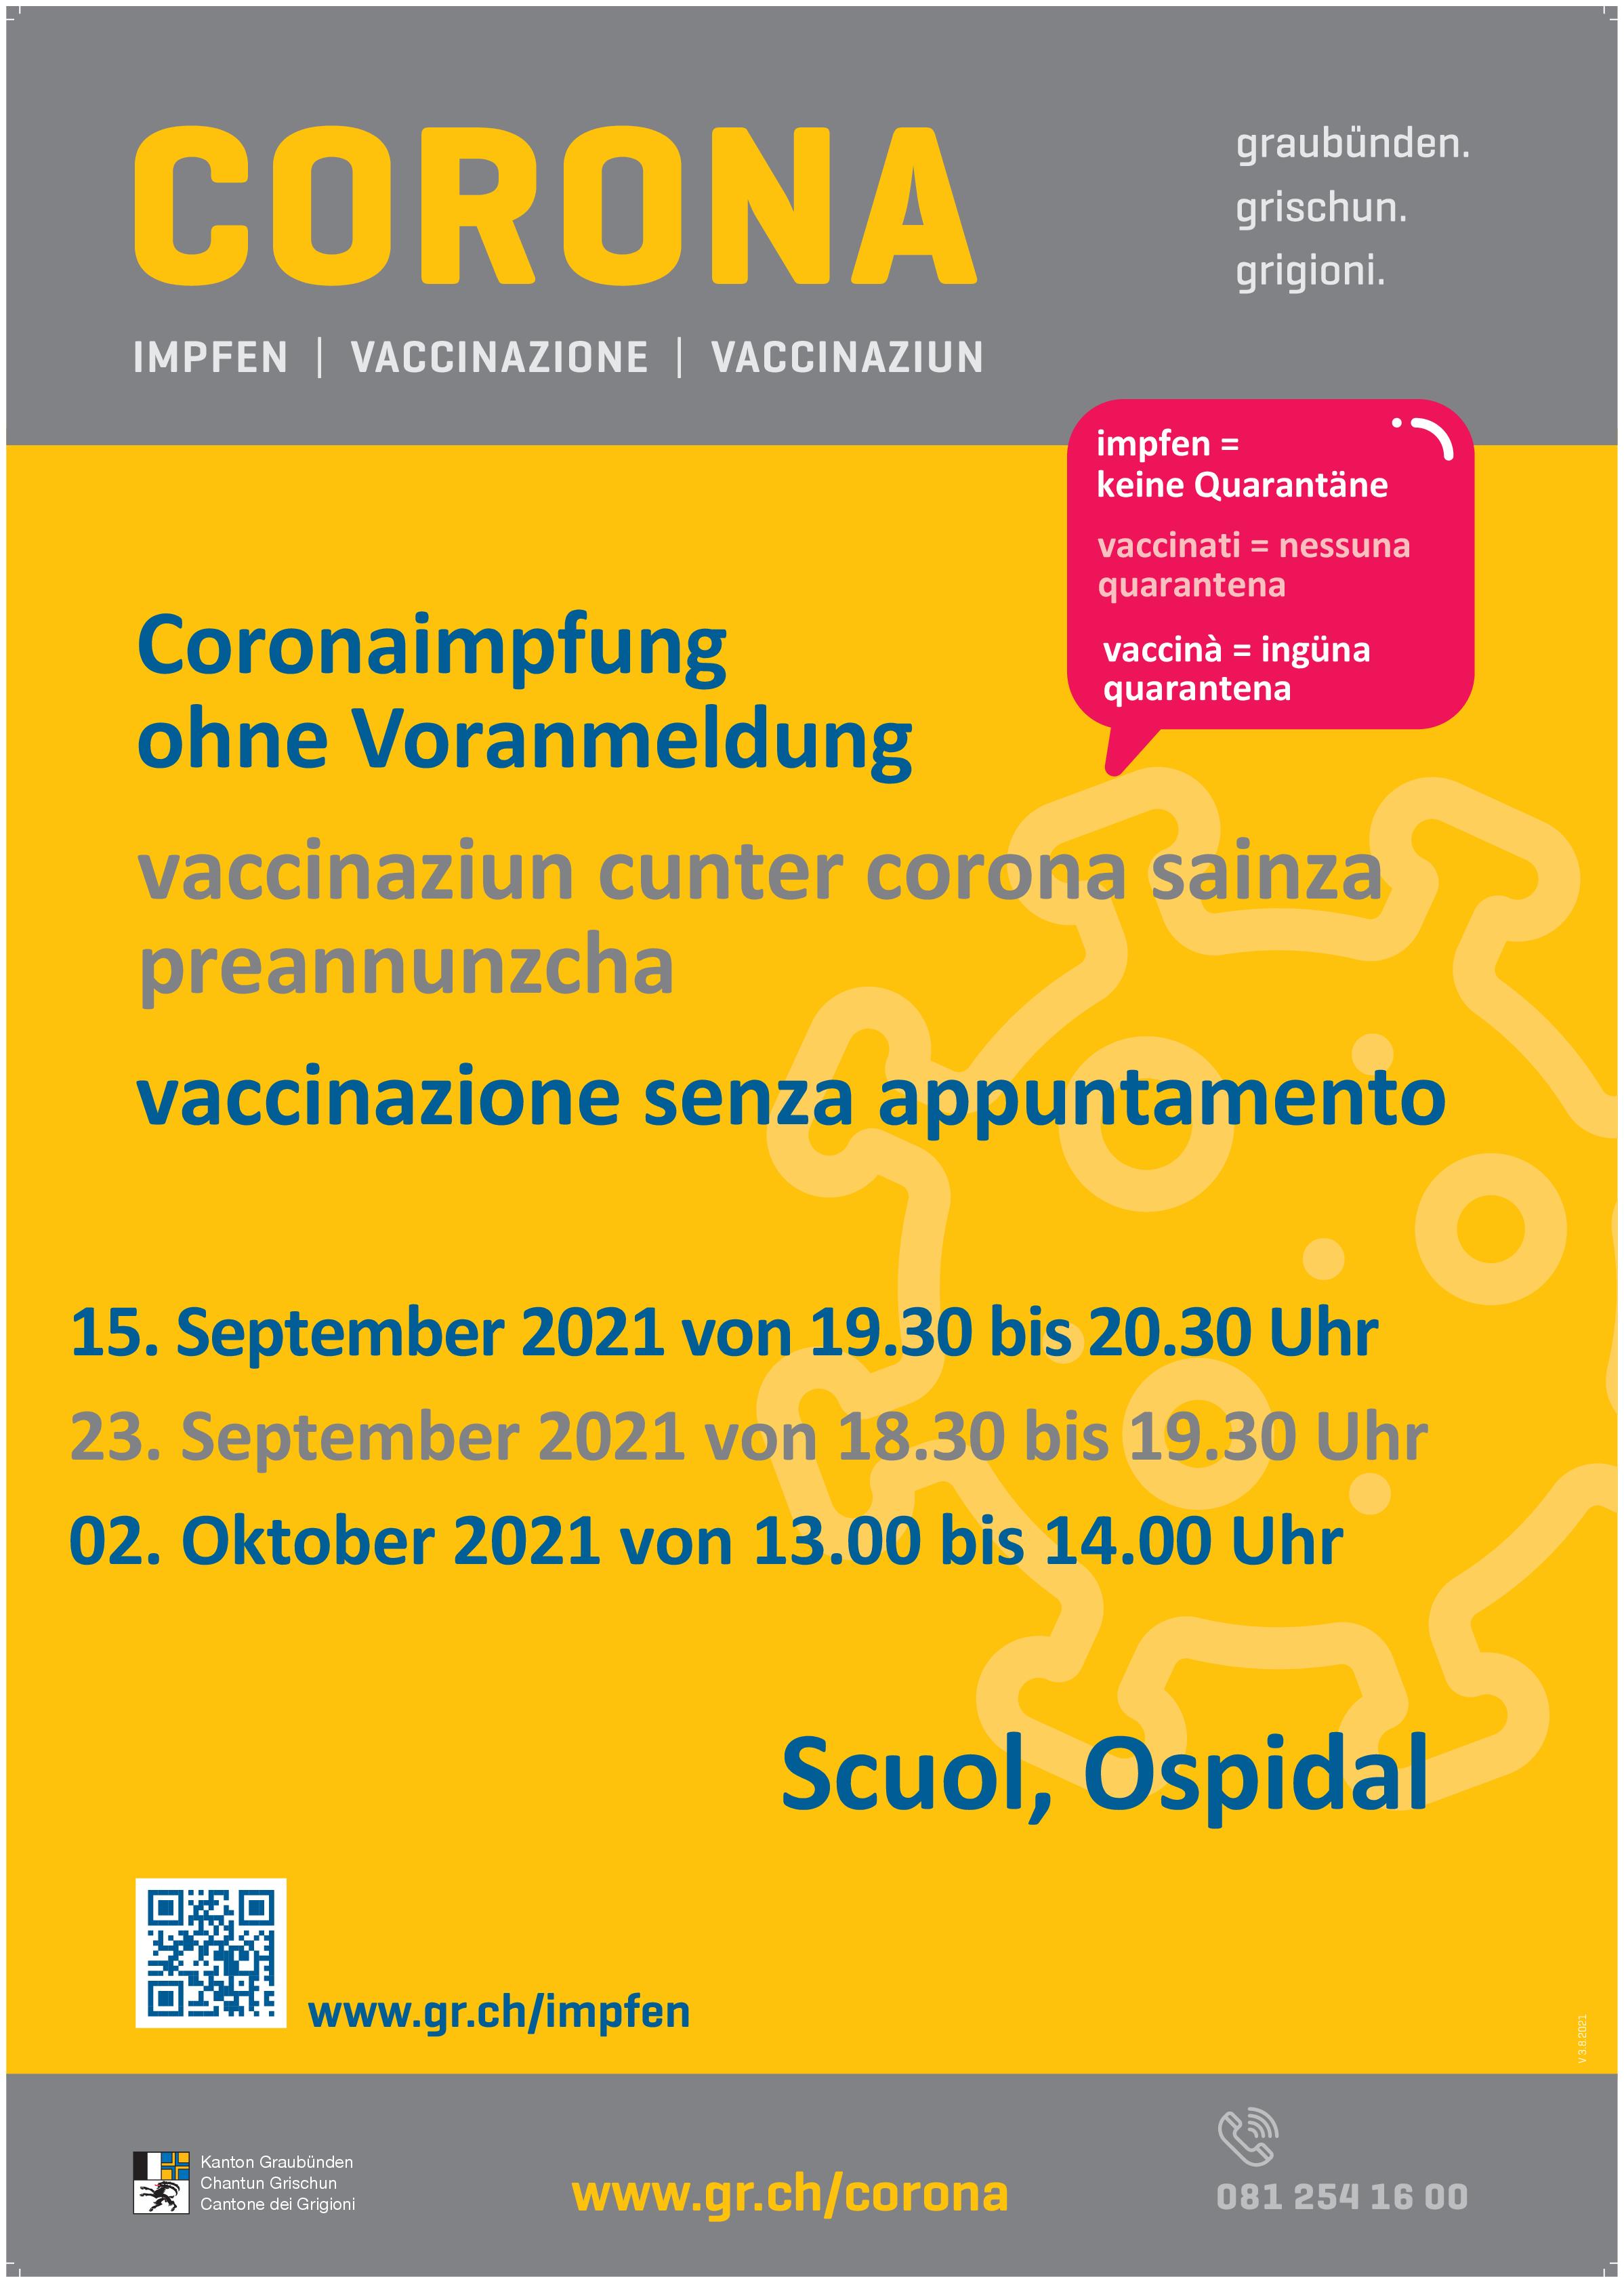 Impfangebot Scuol